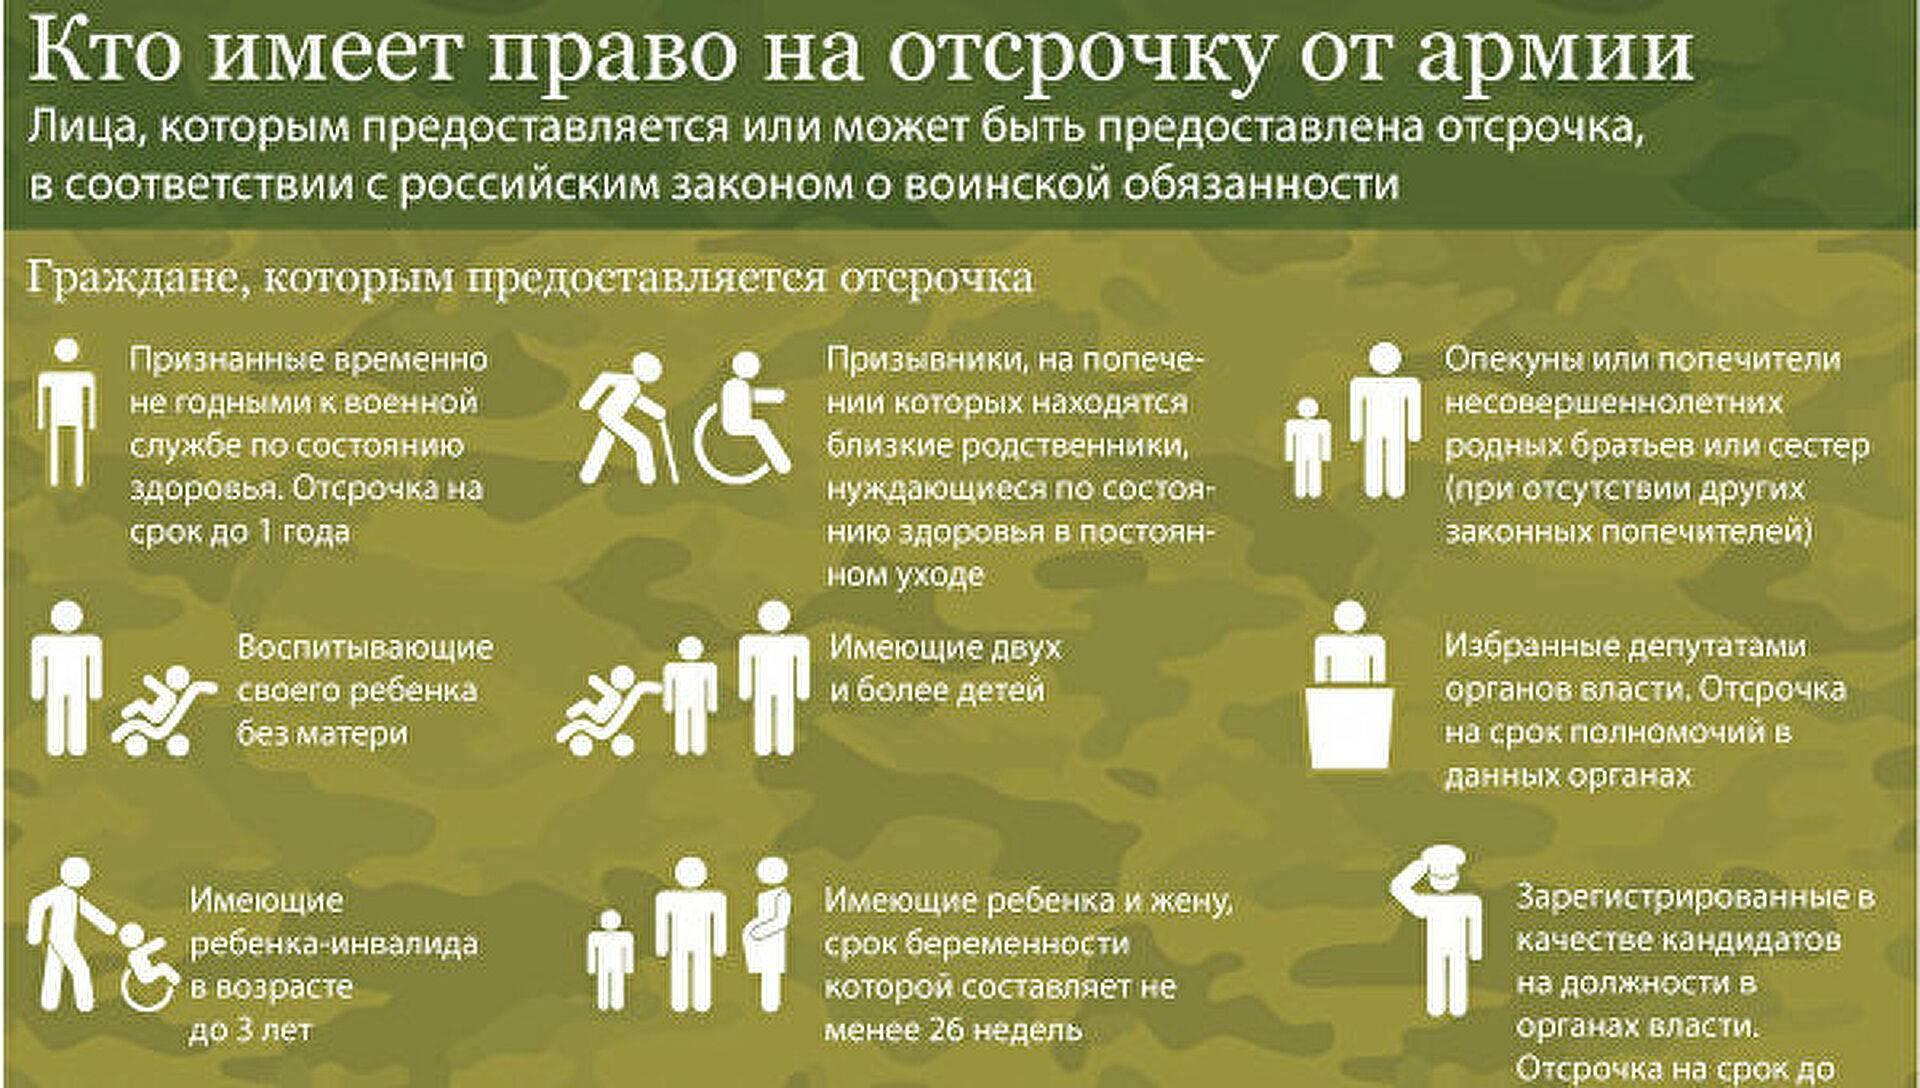 Отсрочка от армии по рождению ребенка